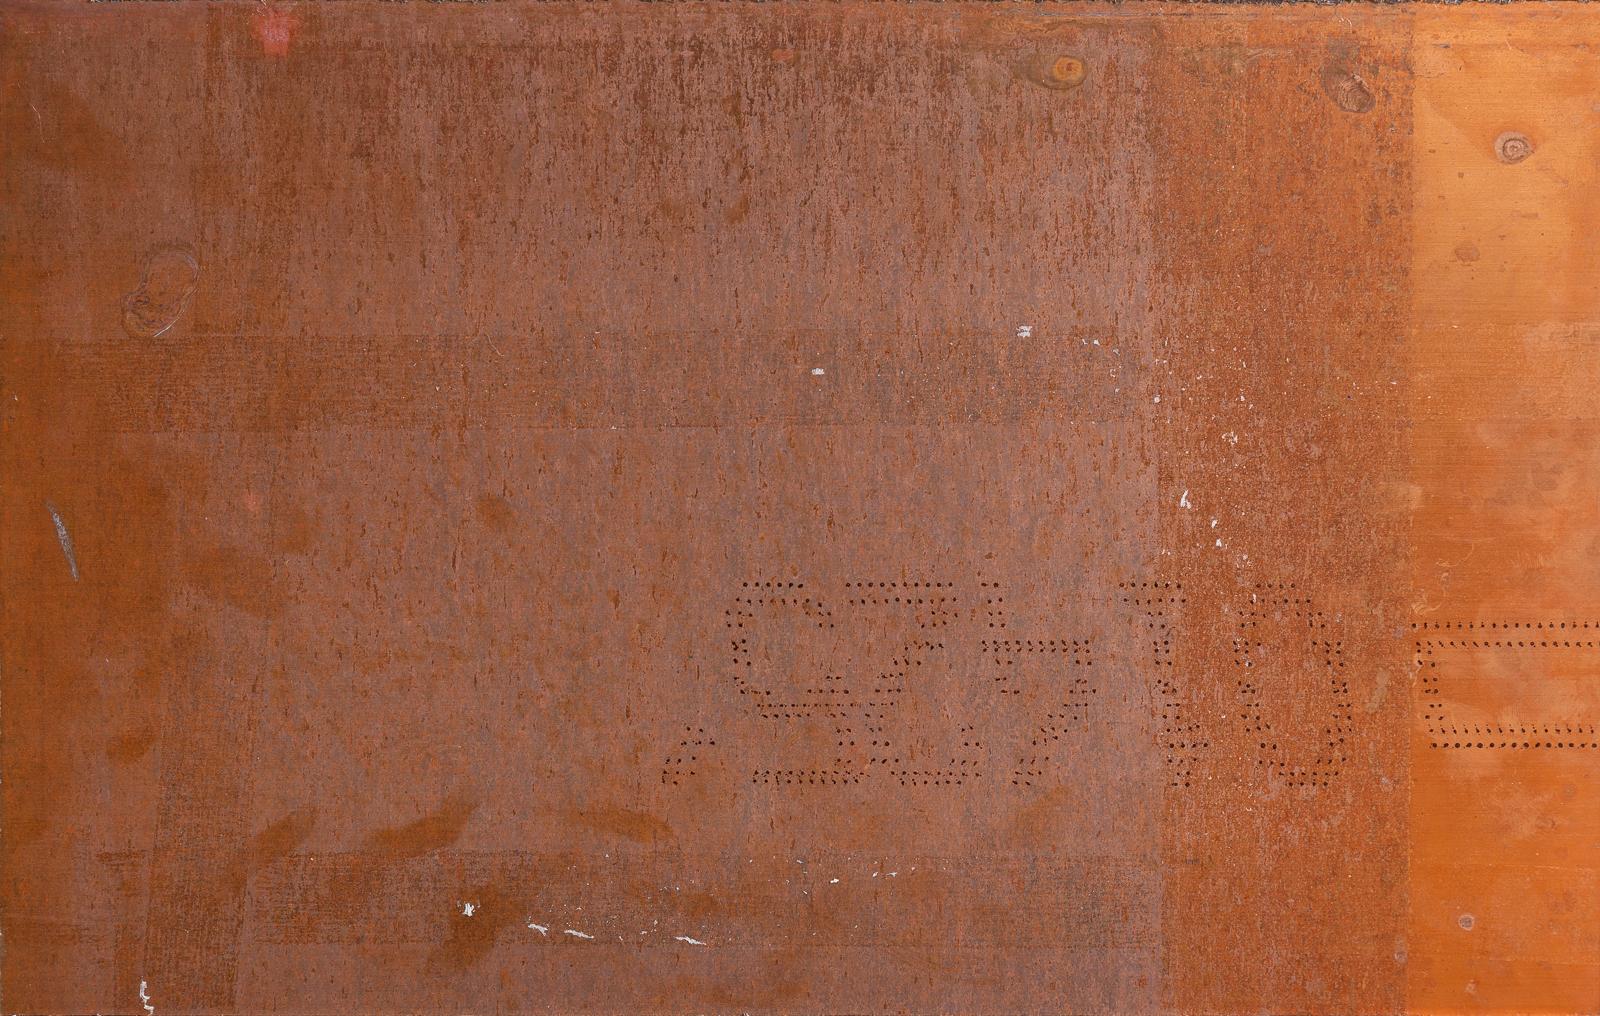 Brett_Weir_Paintings_Hirschengraben_2013-15.jpg